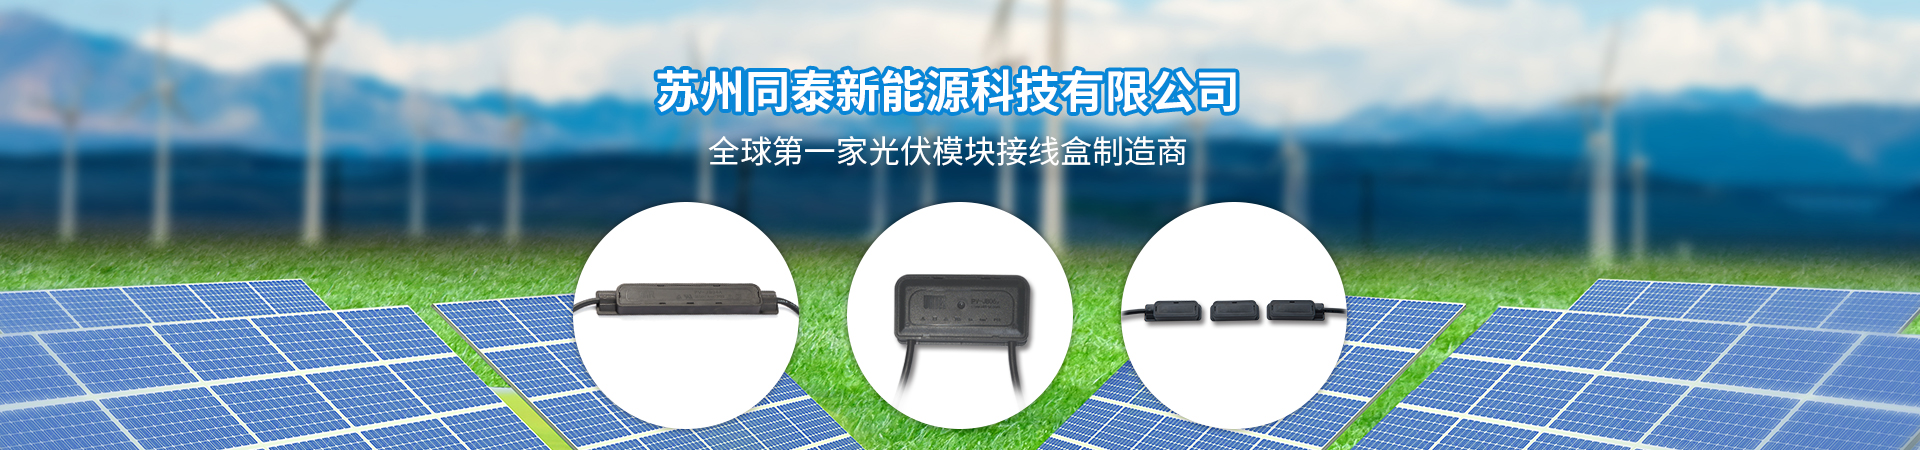 苏州同泰新能源科技有限公司